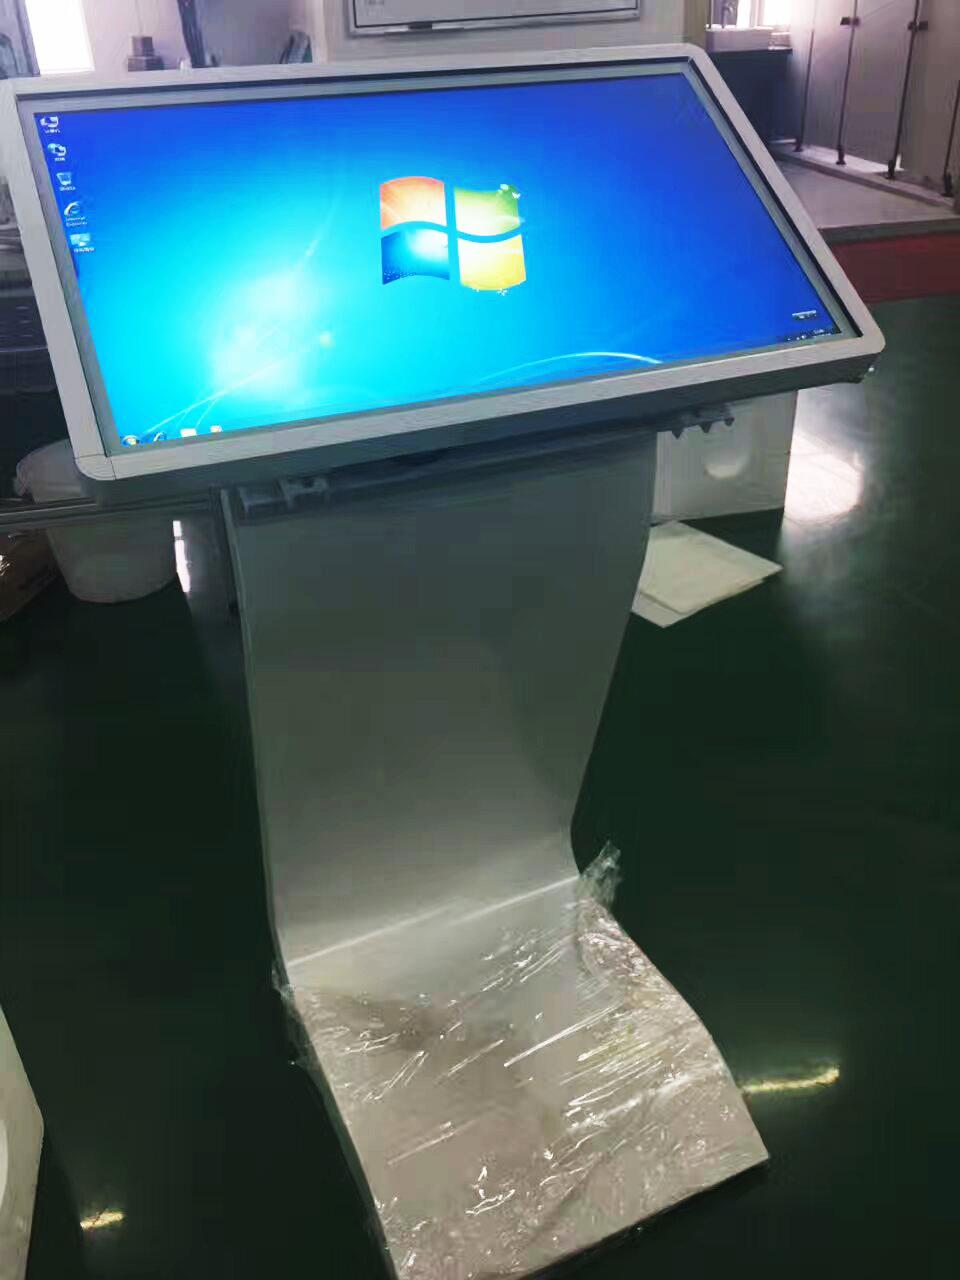 瓯海区***触摸查询一体机调试 诚信经营「温州速维网络科技供应」